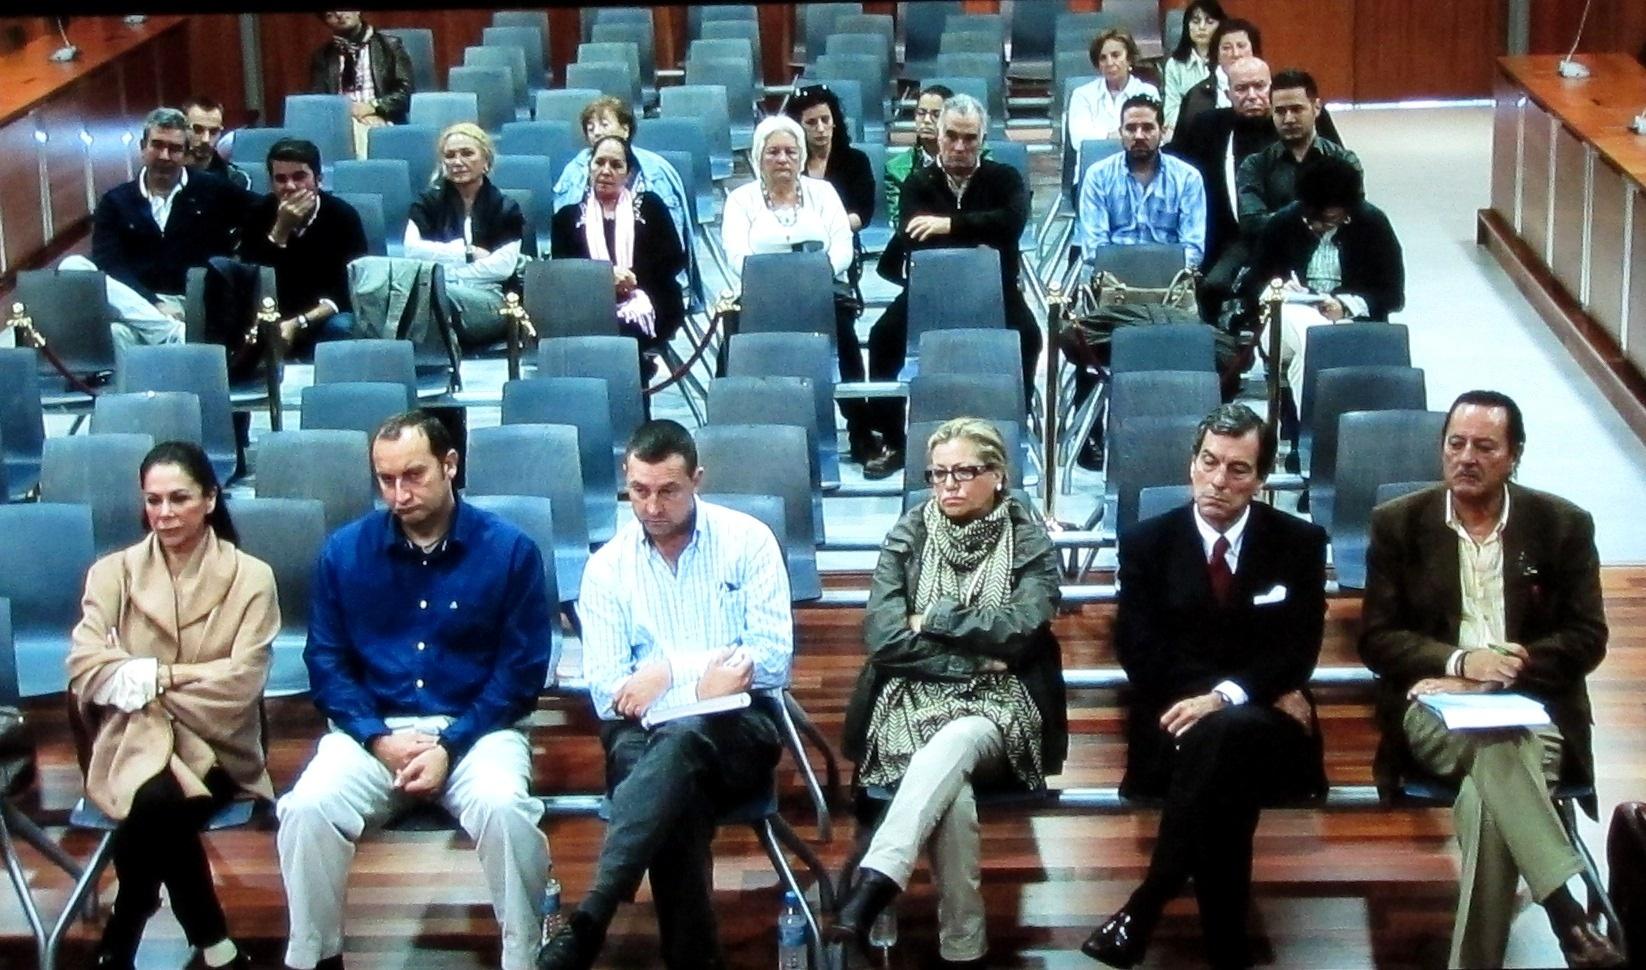 Continúa la declaración de peritos de Hacienda en el juicio a Muñoz, Pantoja y Zaldívar